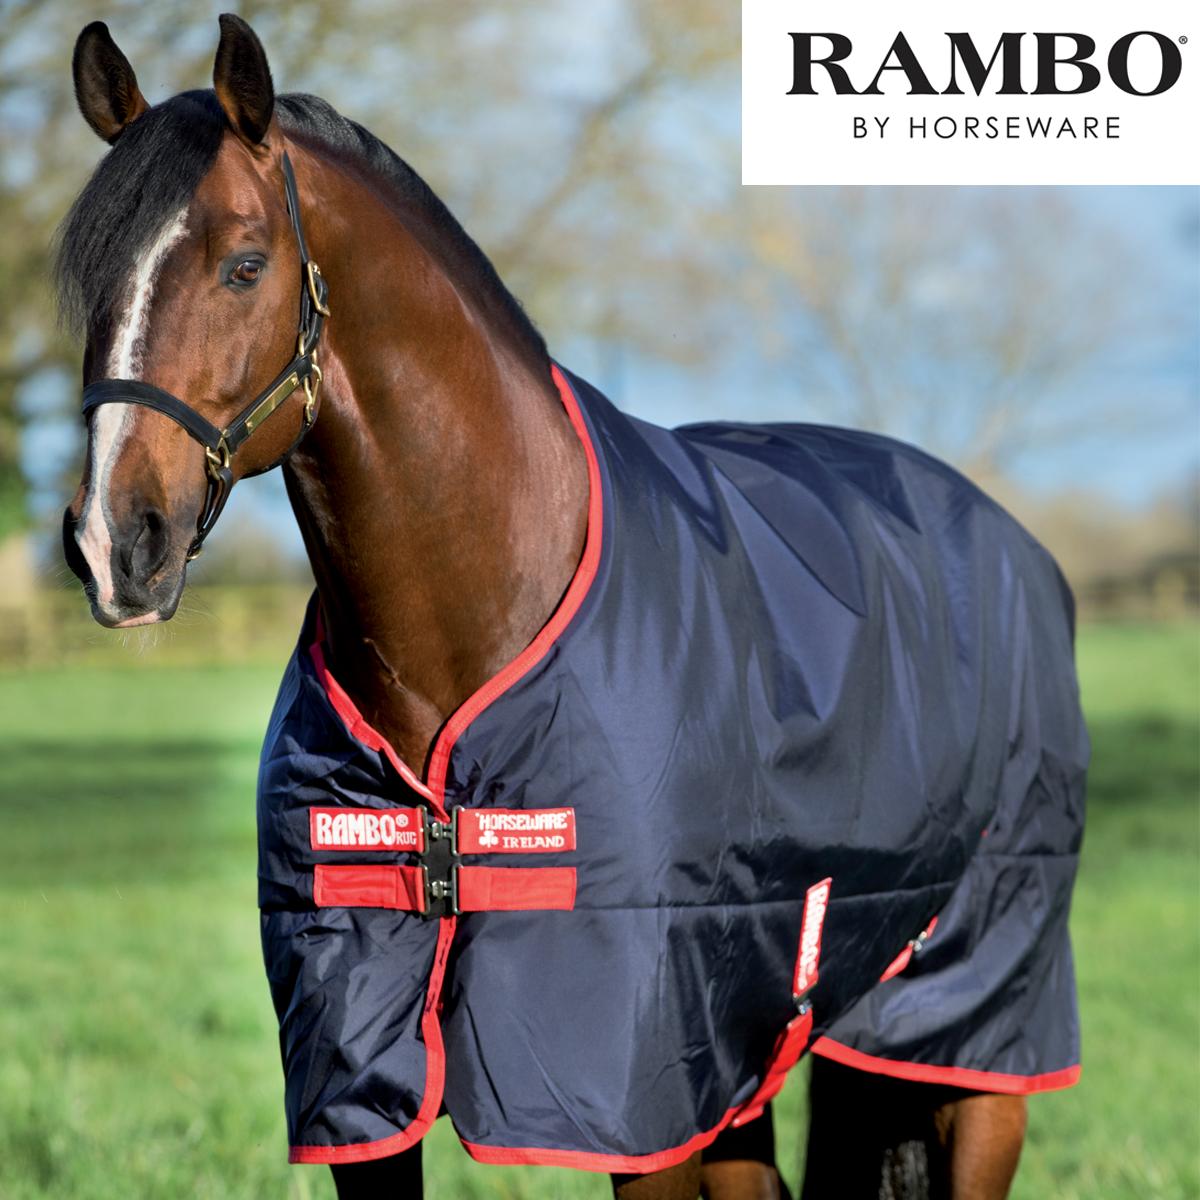 Horseware Rambo Mediumweight Original Mediumweight Rambo Turnout Rug (200g) 5c06fc